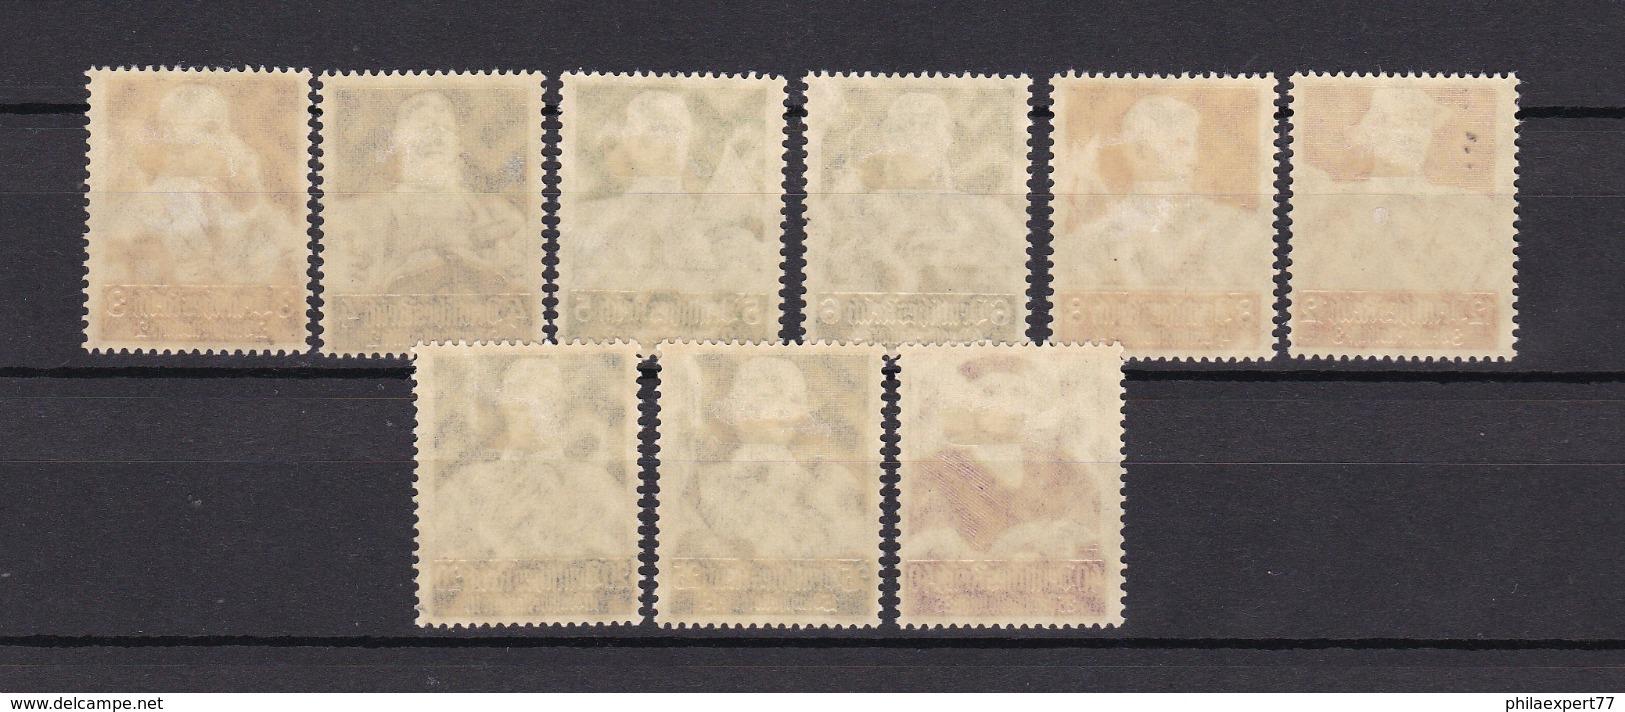 Deutsches Reich - 1934 - Michel Nr. 556/564 - Ungebr.- 100 Euro - Duitsland